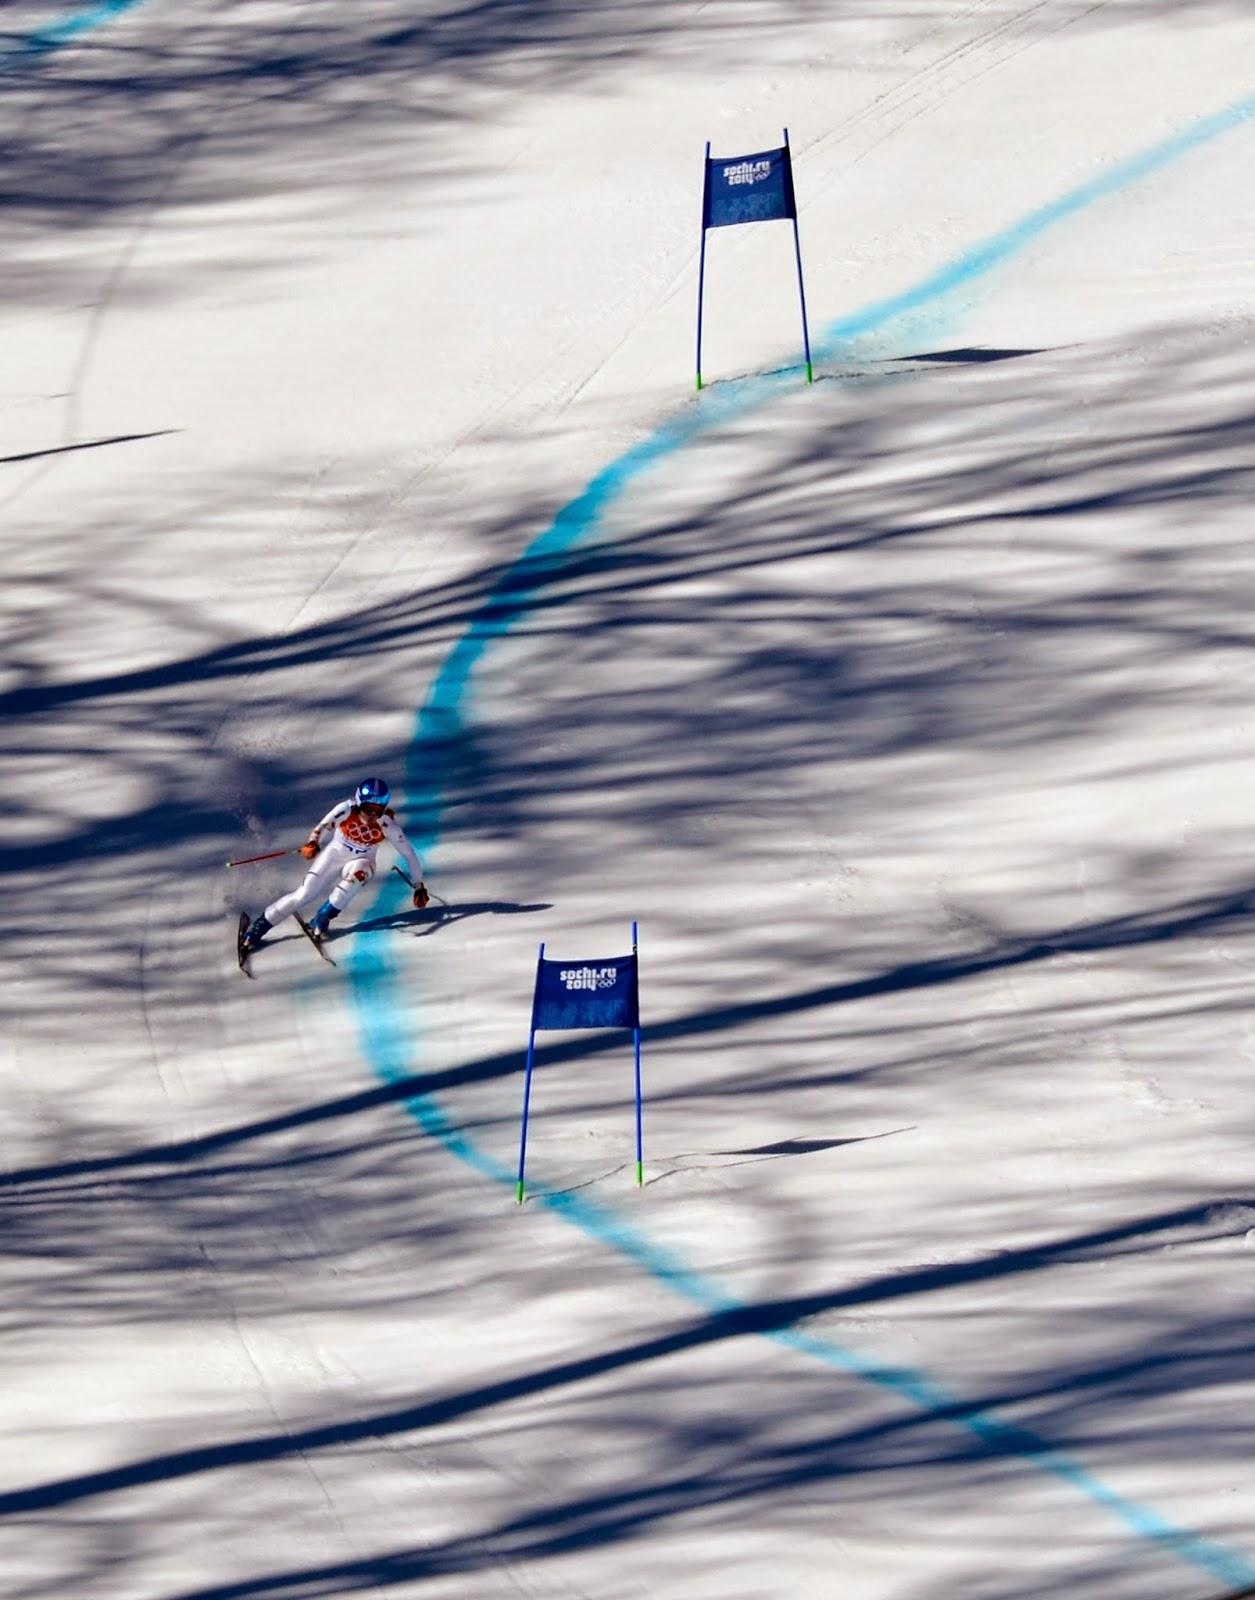 téli sportok, téli olimpiai játékok, Szocsi, lesiklás, Miklós Edit, alpesi-síverseny,